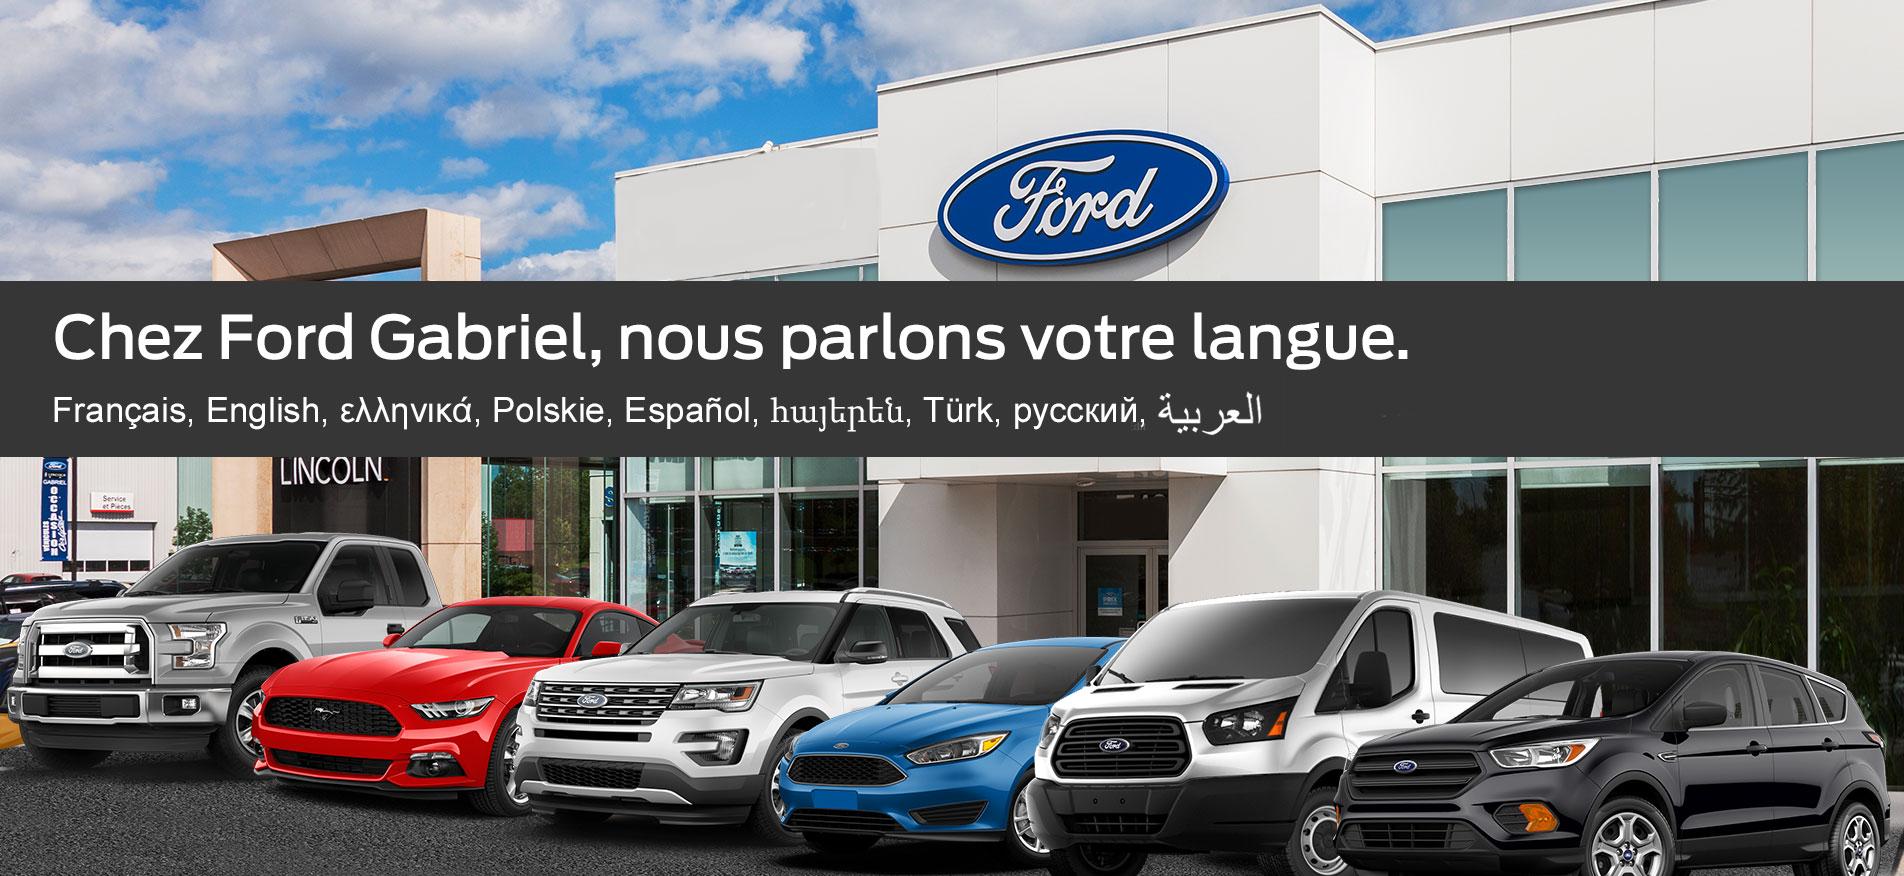 Ford Lincoln Gabriel Montreal Français, English, ελληνικά, Polskie, Español, հայերեն, Türk, русский, العربية